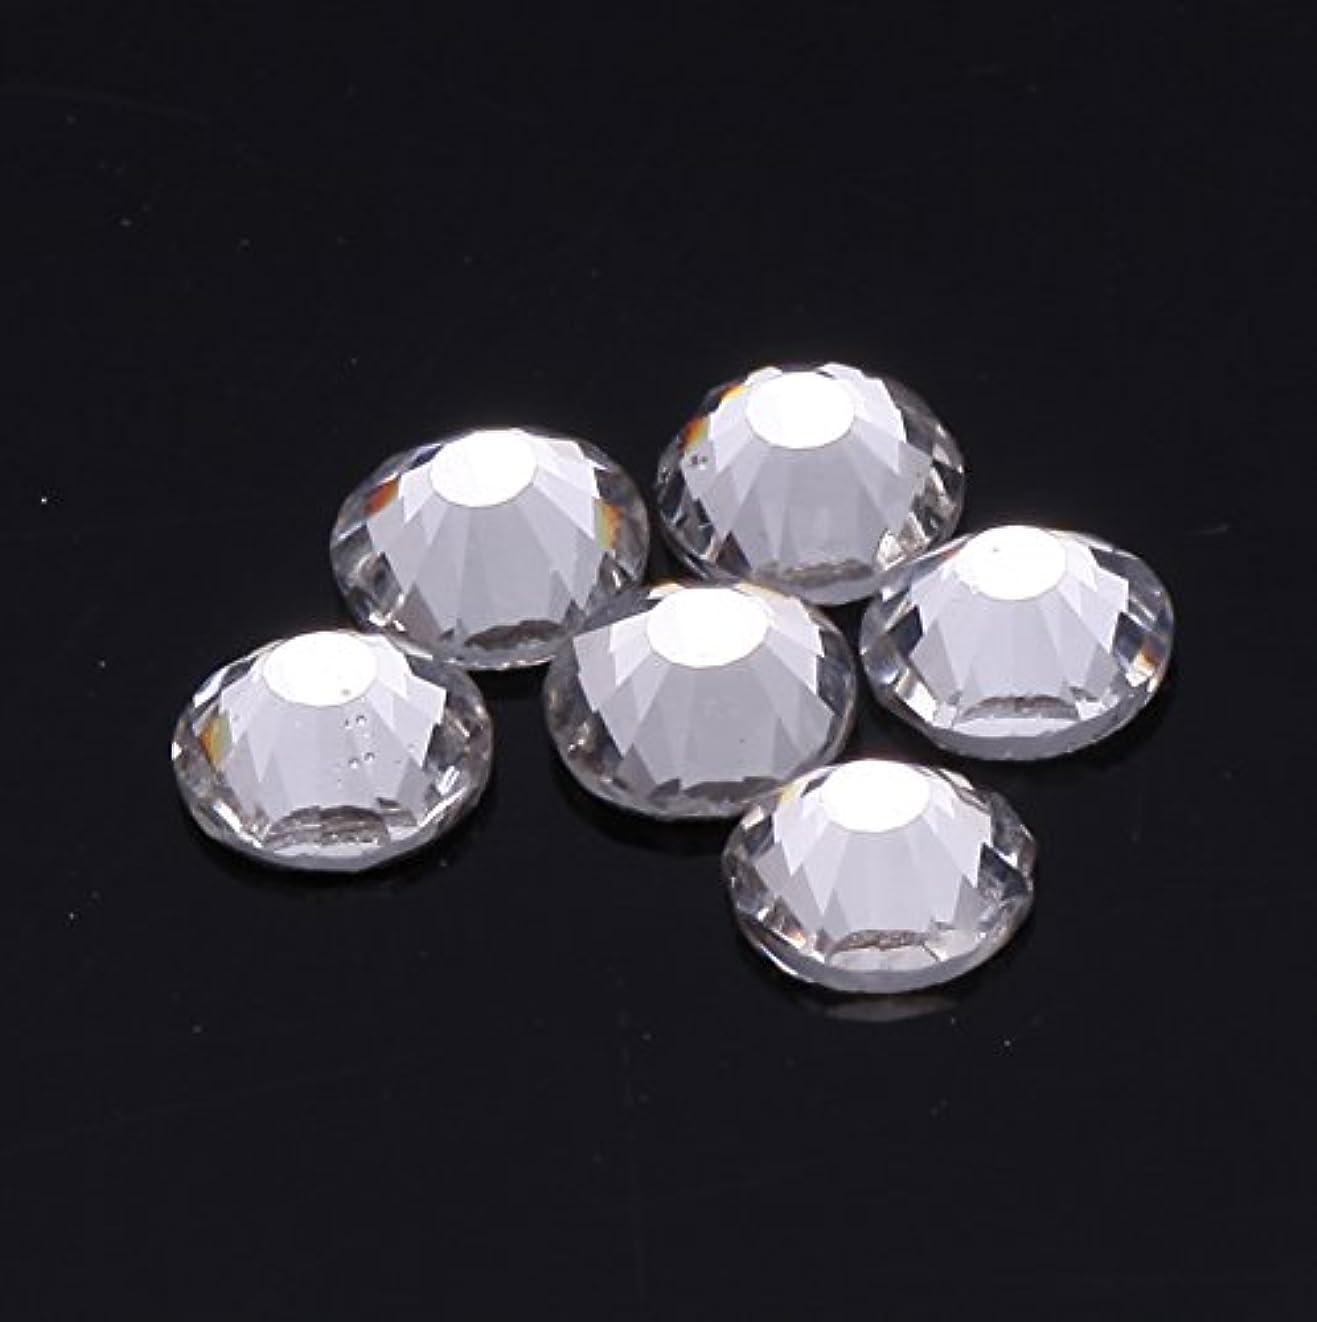 1440粒ガラス製ラインストーン ネイル デコパーツ クリスタル (1.2mm (SS3) 約1440粒)